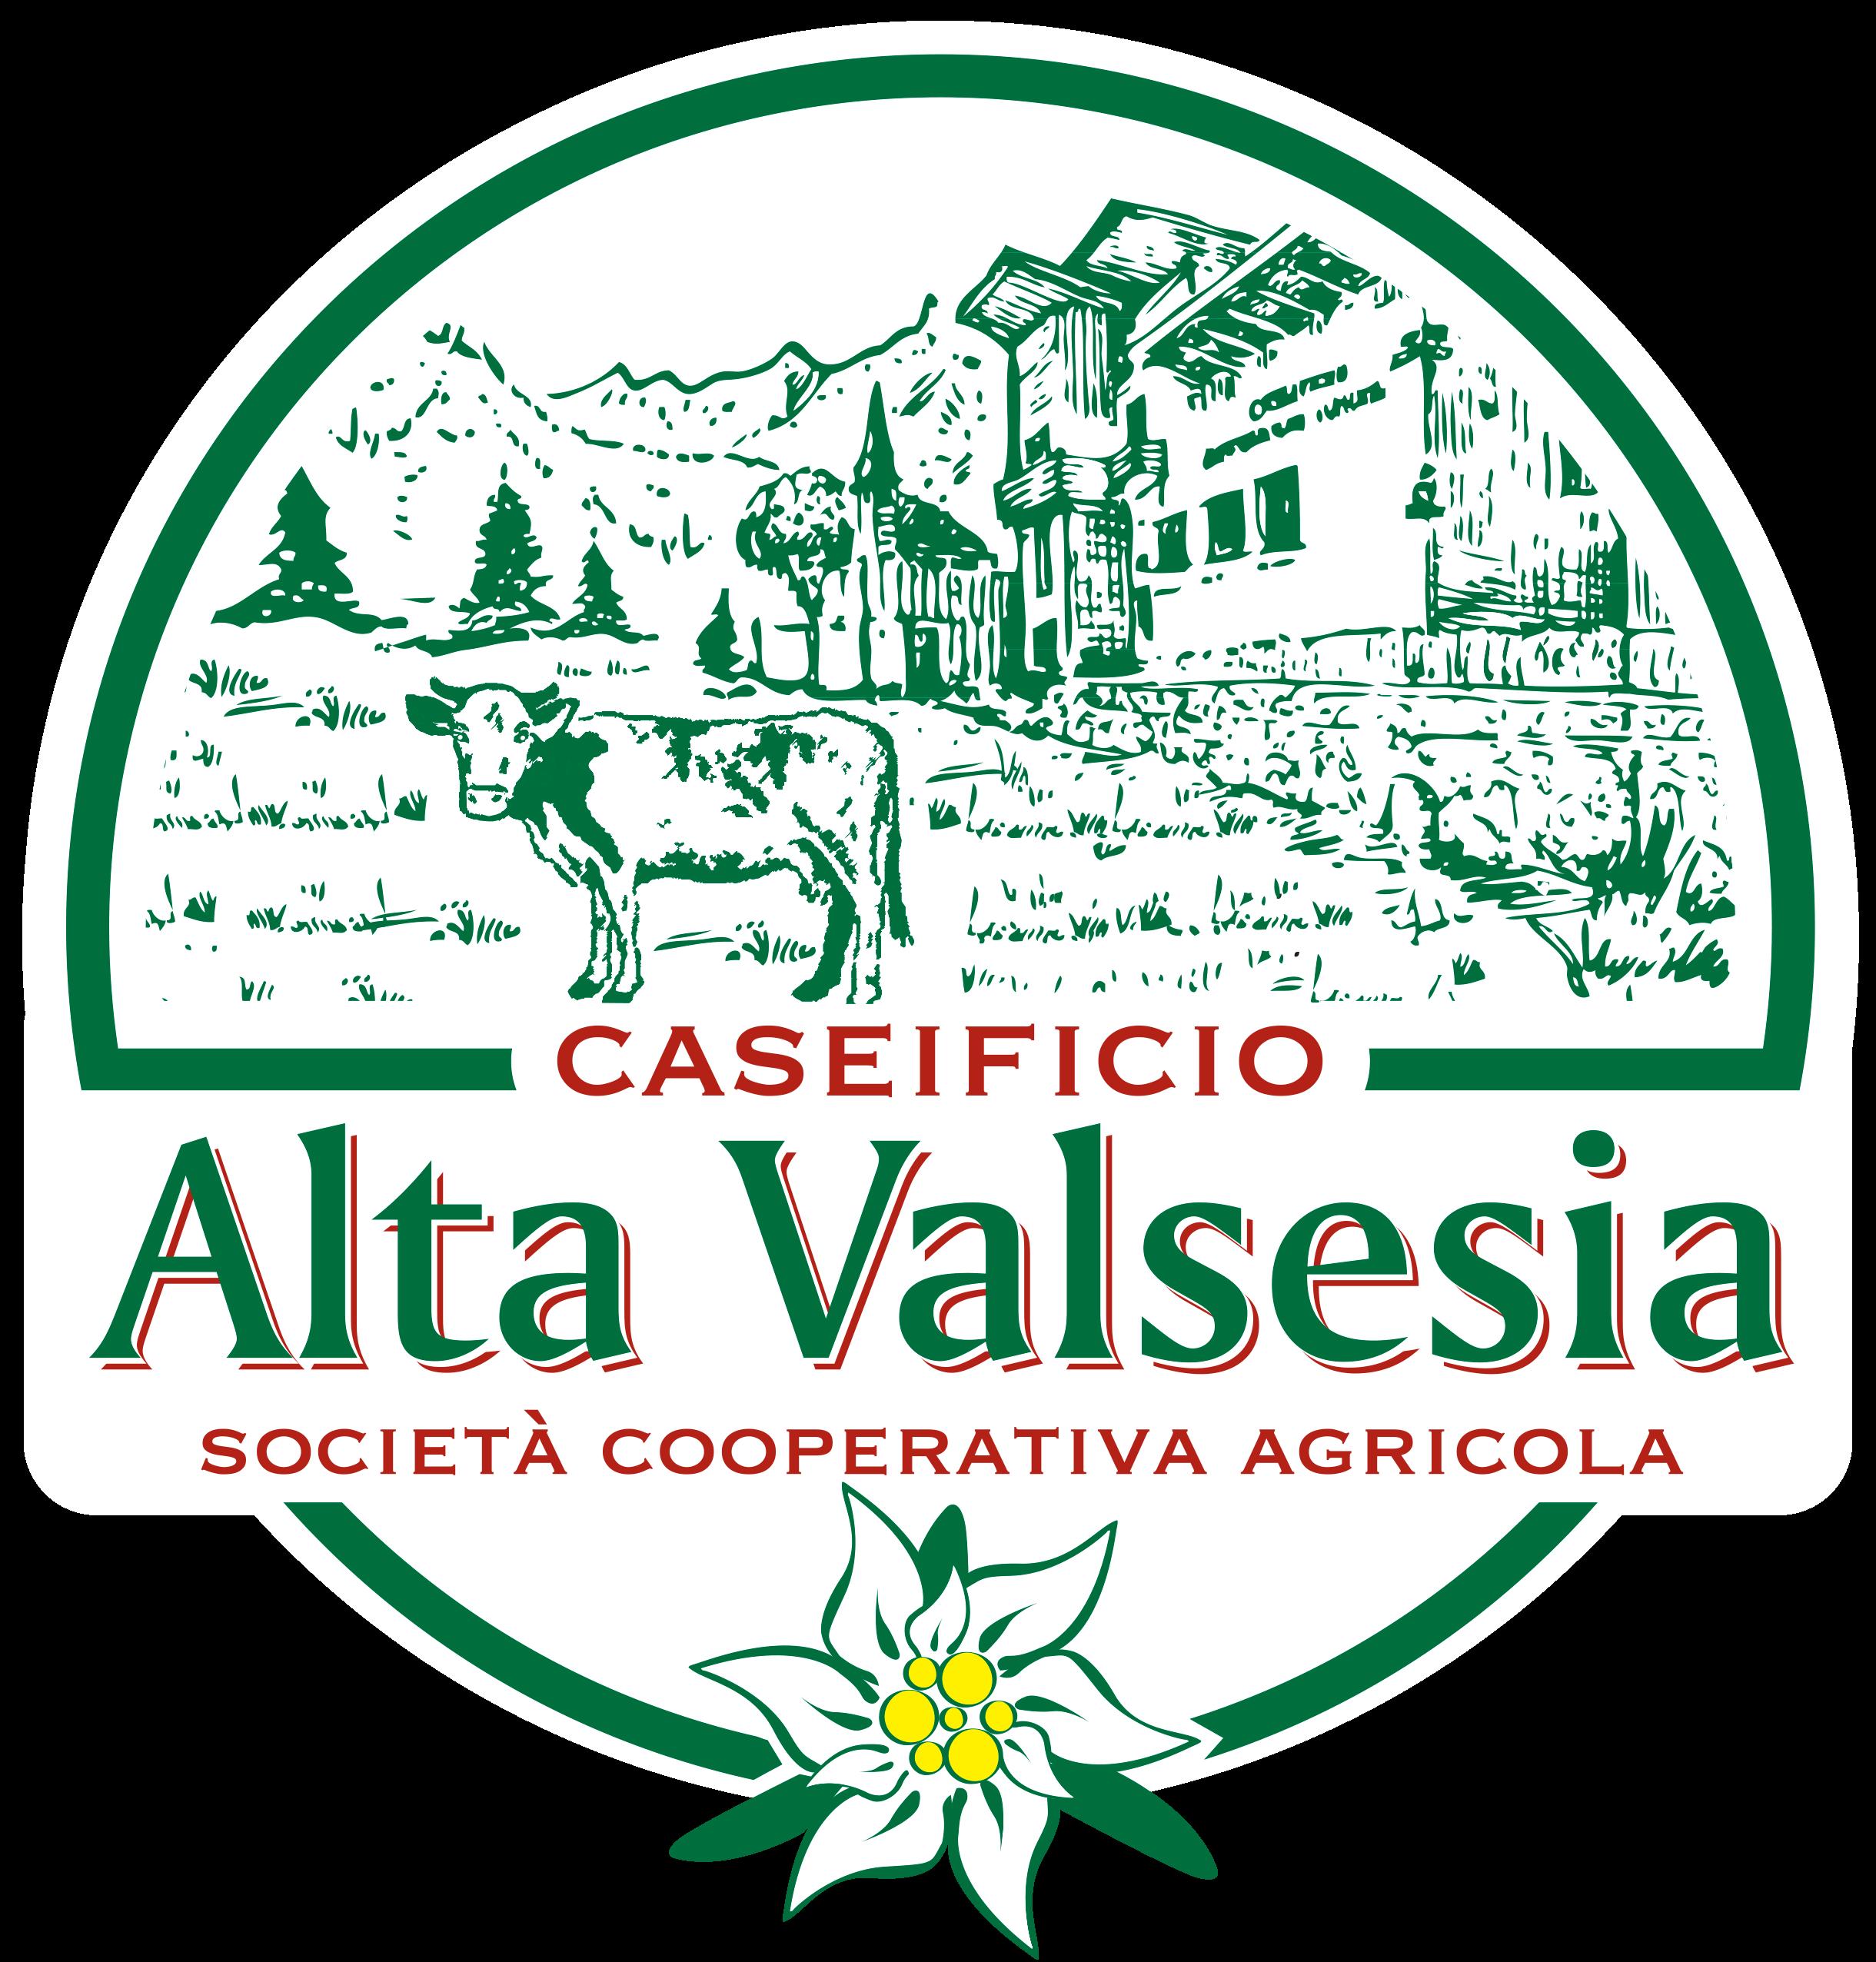 Caseificio alta Valsesia